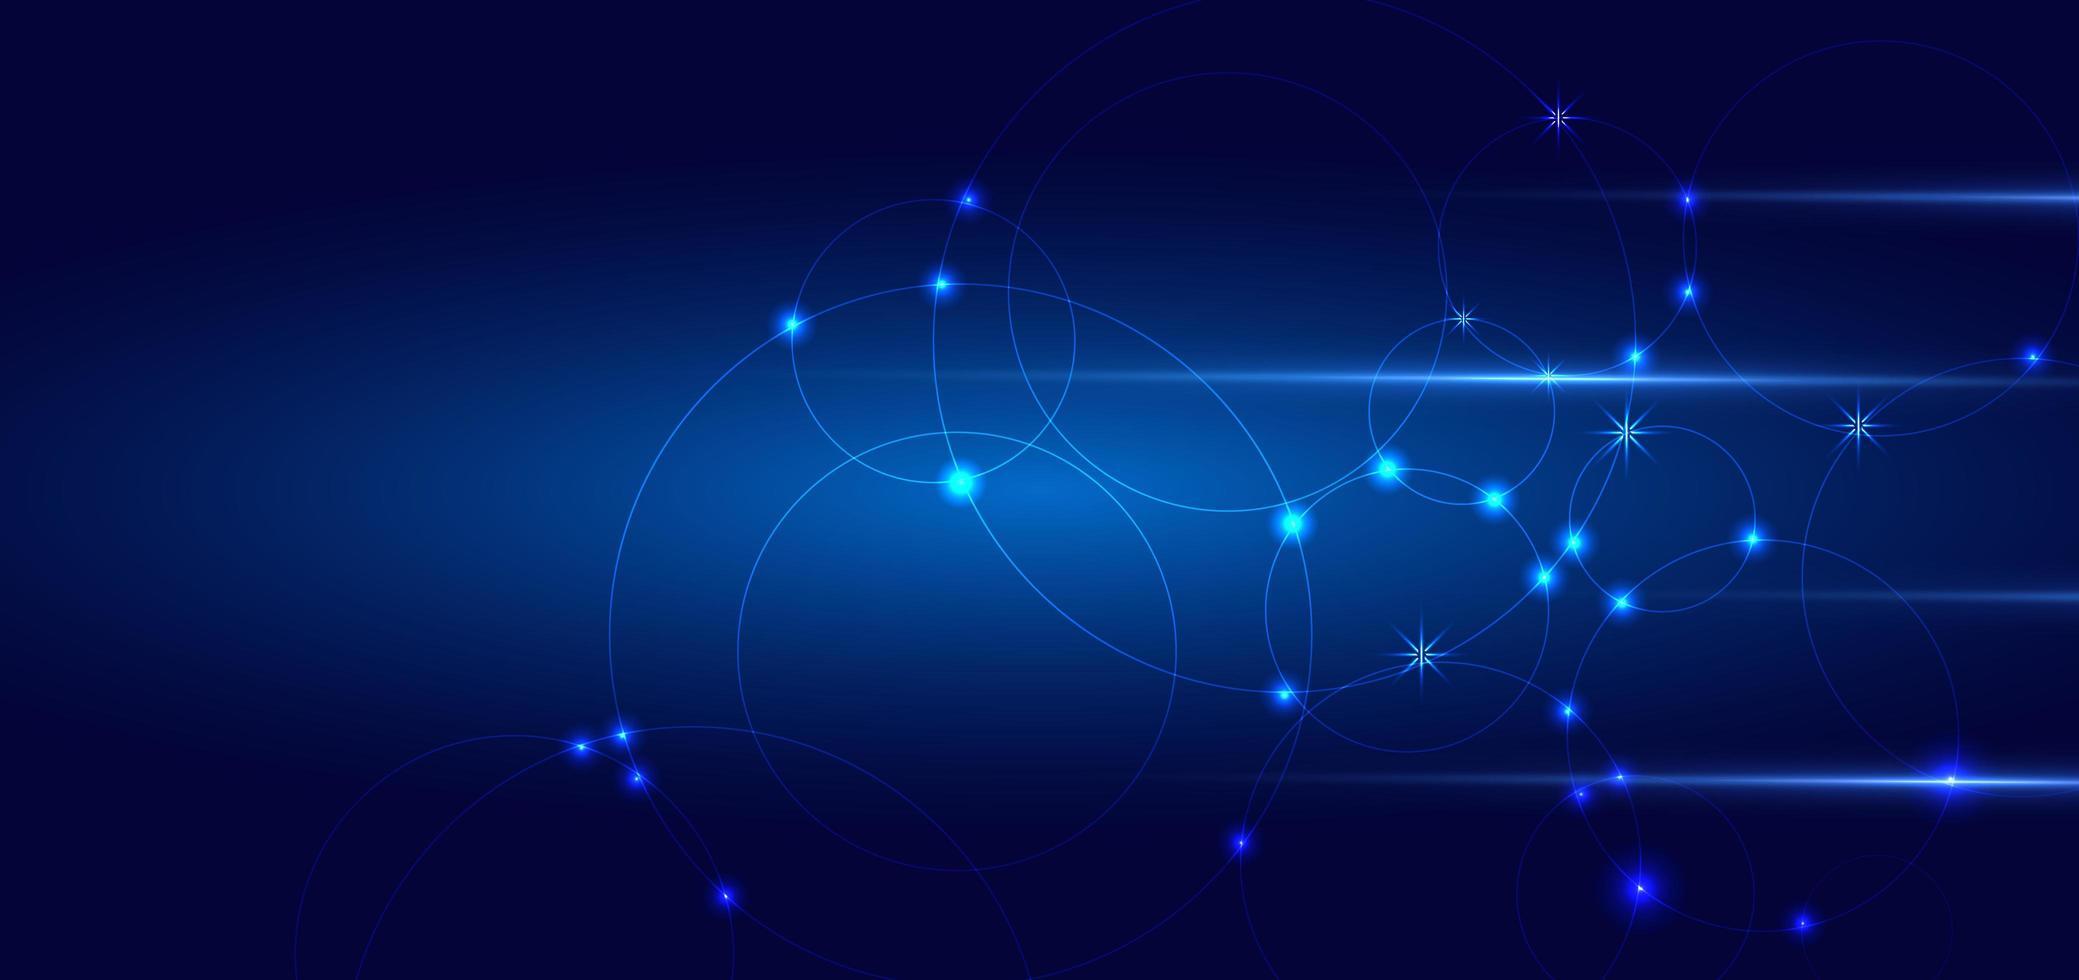 design de conexão de círculos, linhas e pontos abstratos vetor